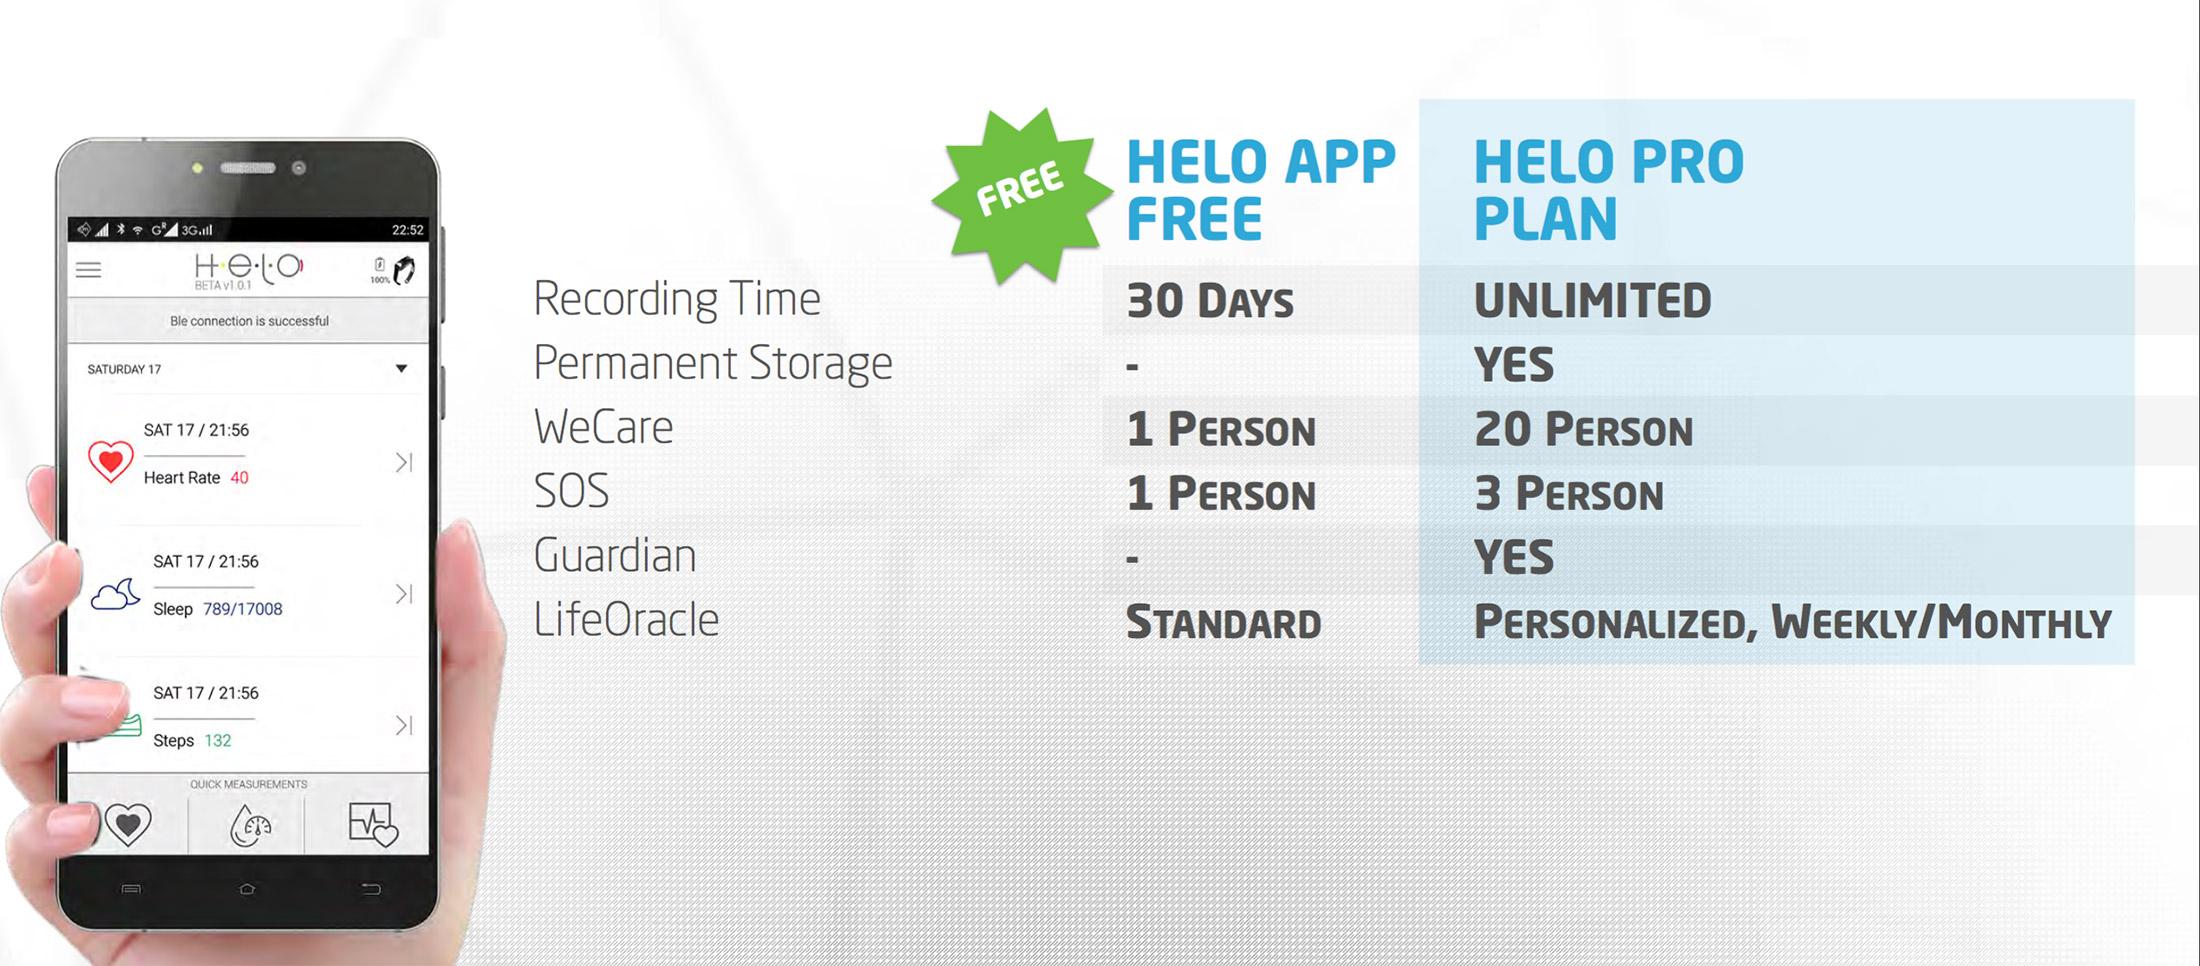 Helo Pro App